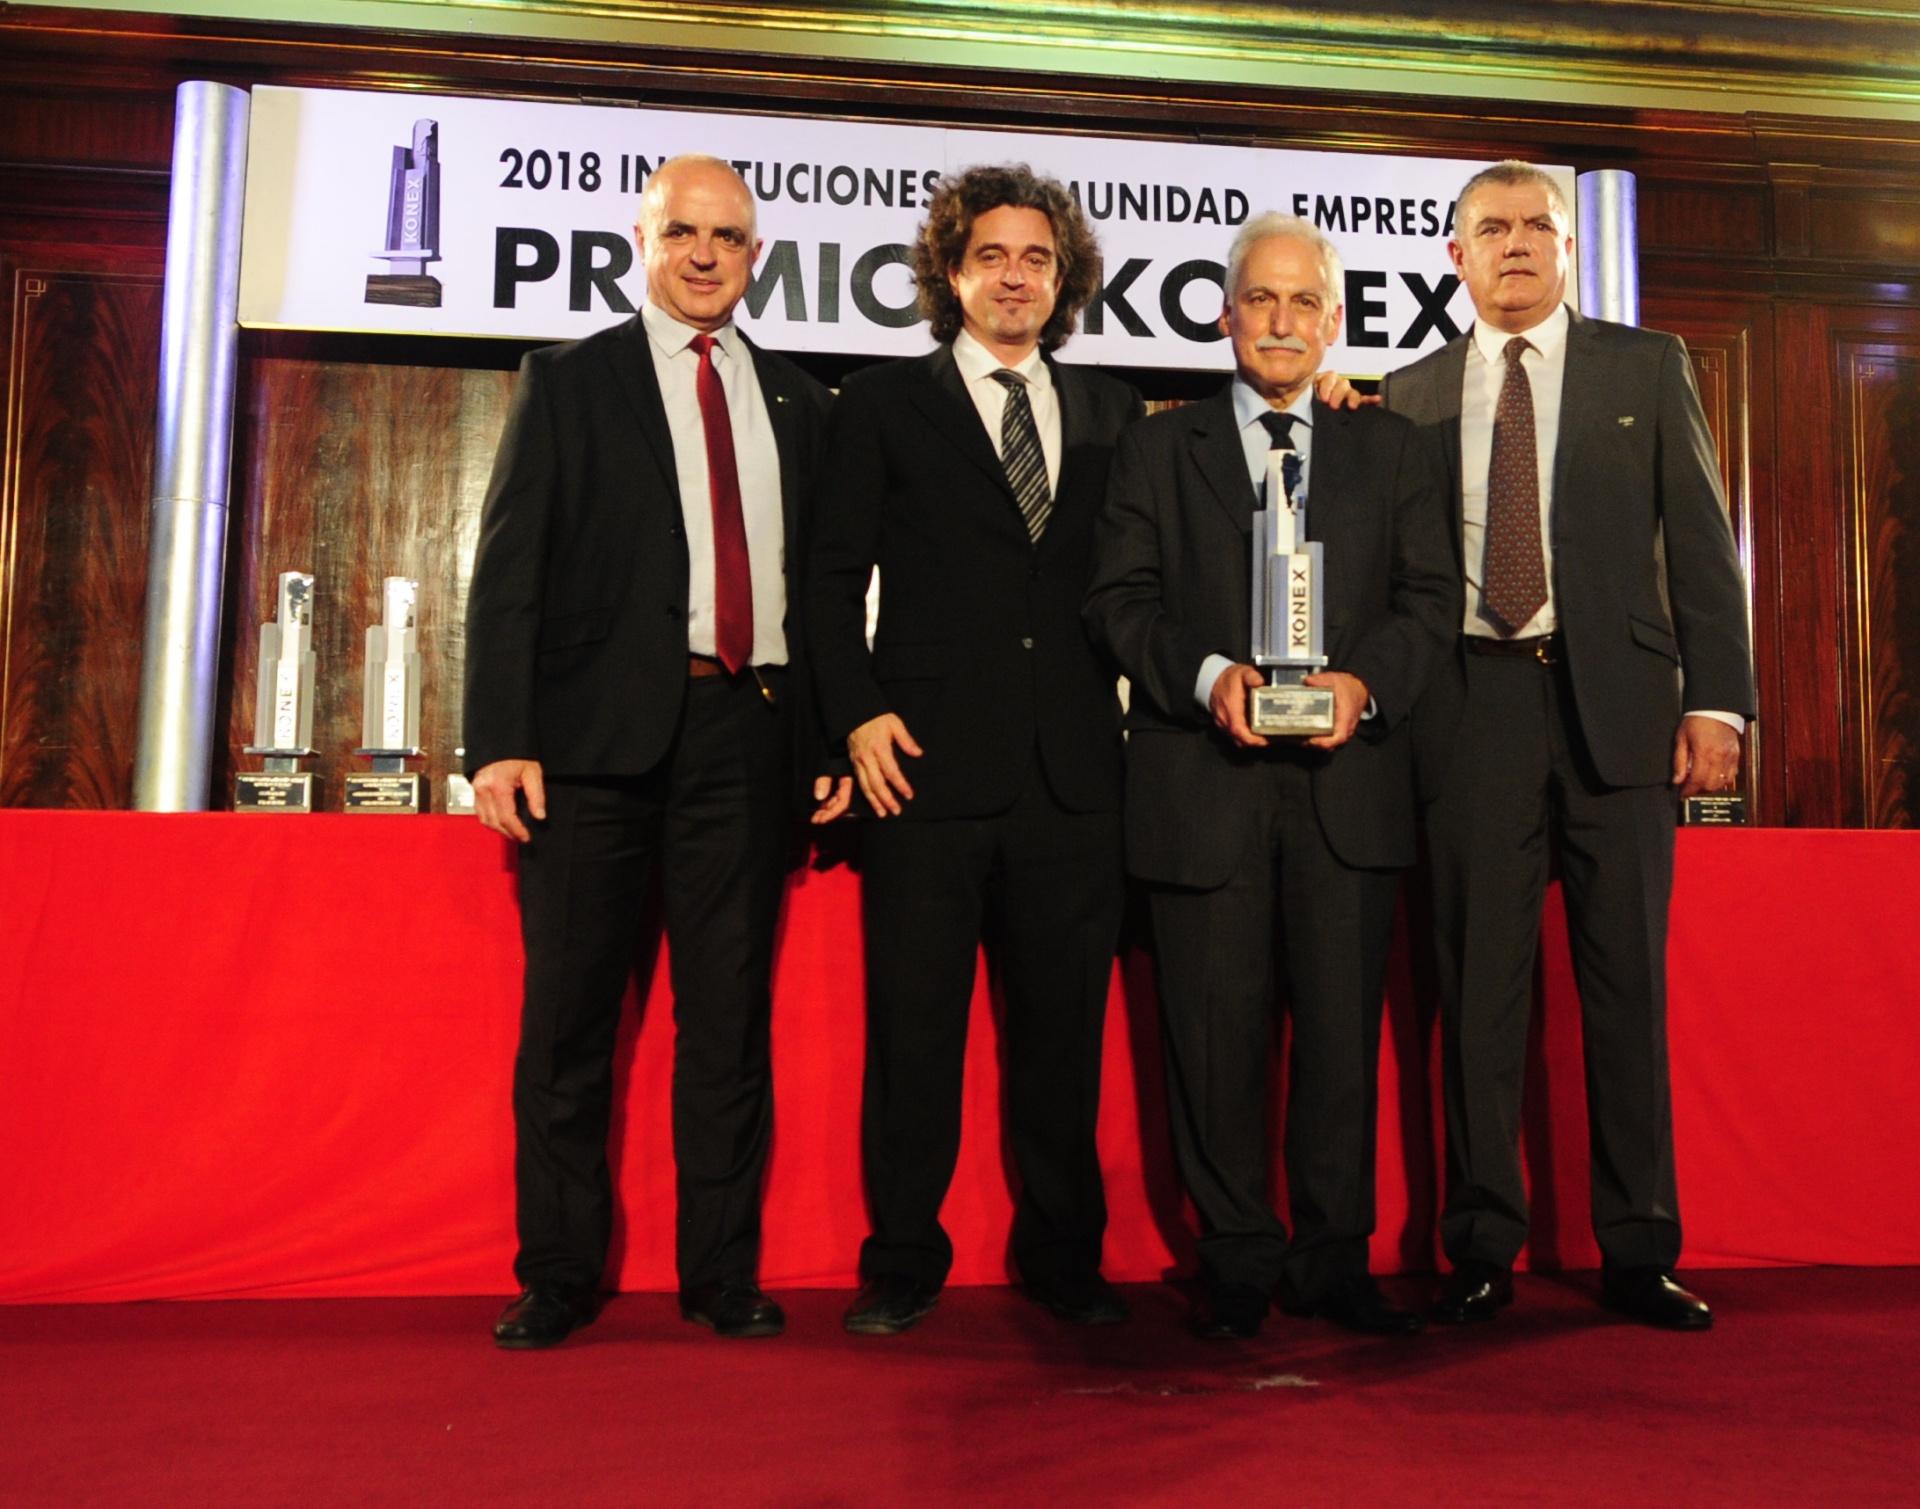 INVAP: Konex de Platino – Entidades de Investigación Científica y Tecnológica. El Premio fue recibido por Héctor Otheguy